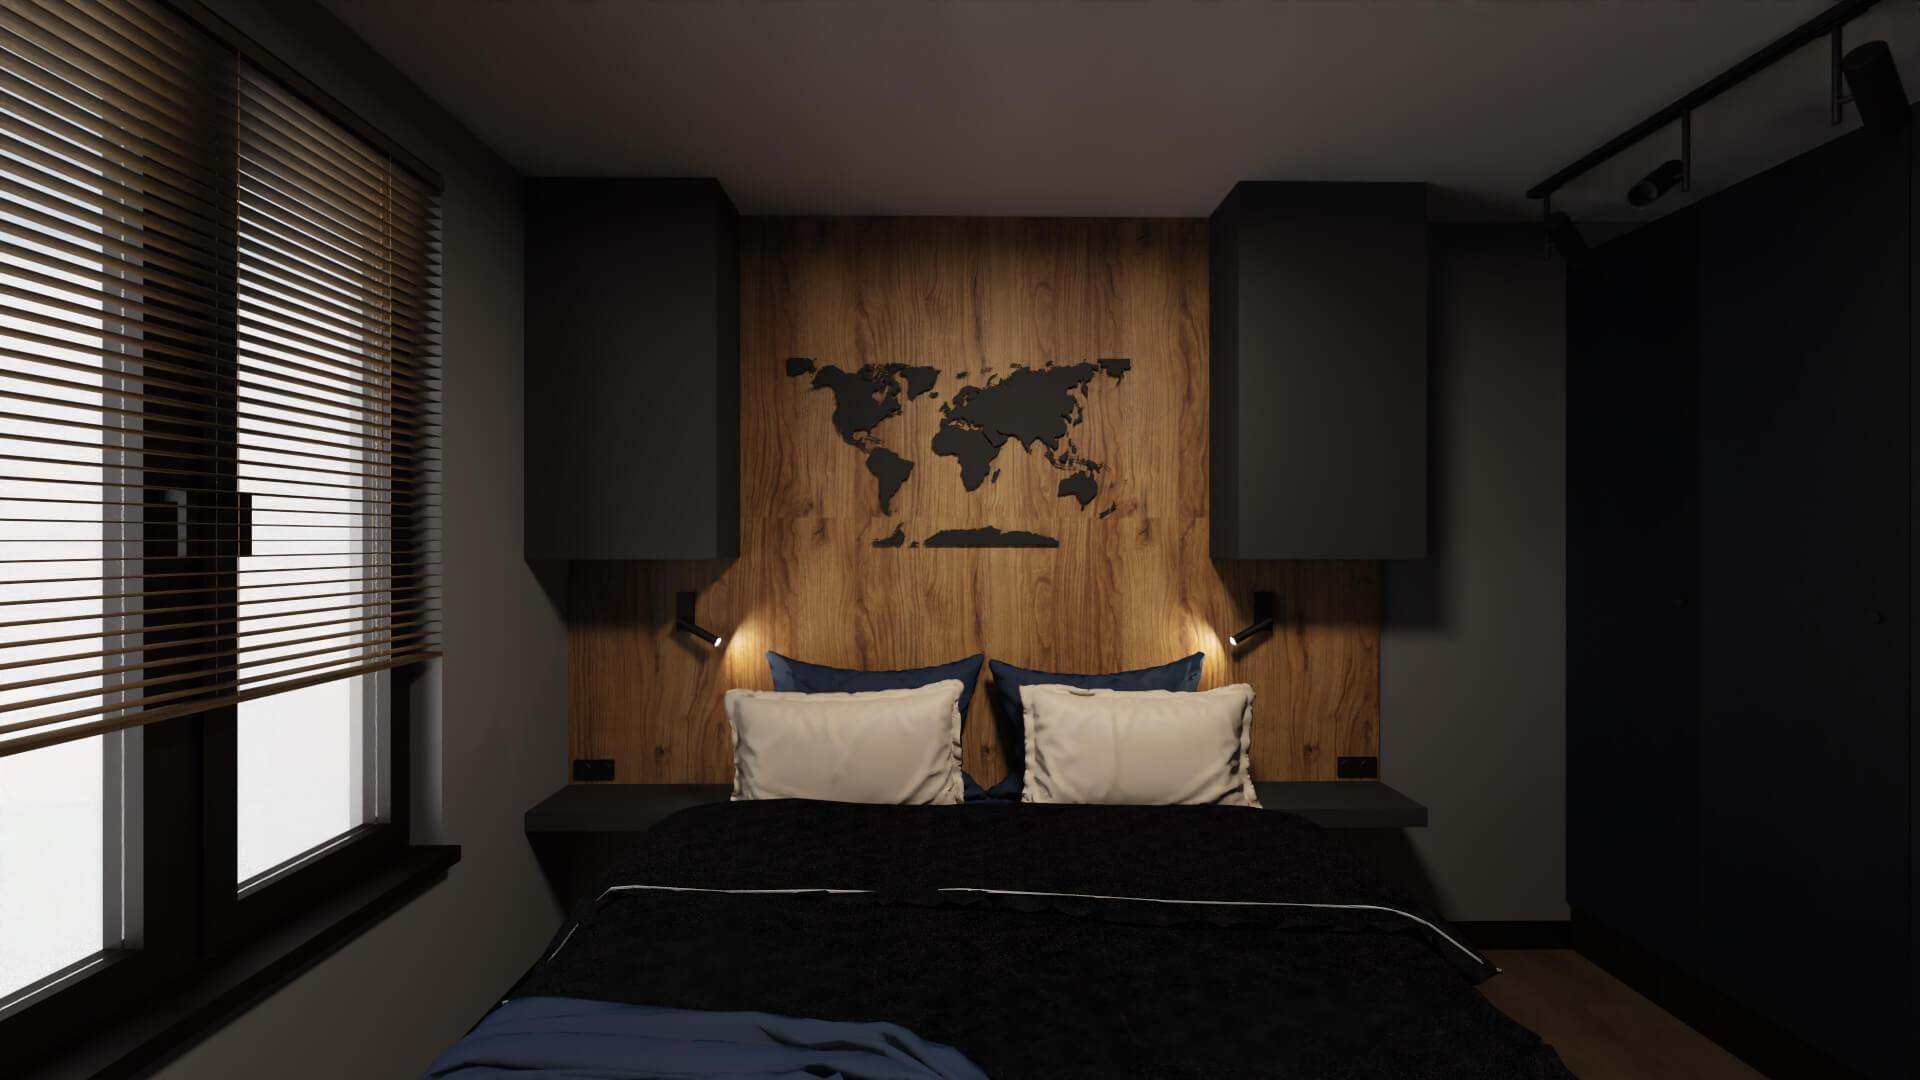 męskie mieszkanie projekt sypialni - czarna mapa świata nad łóżkiem